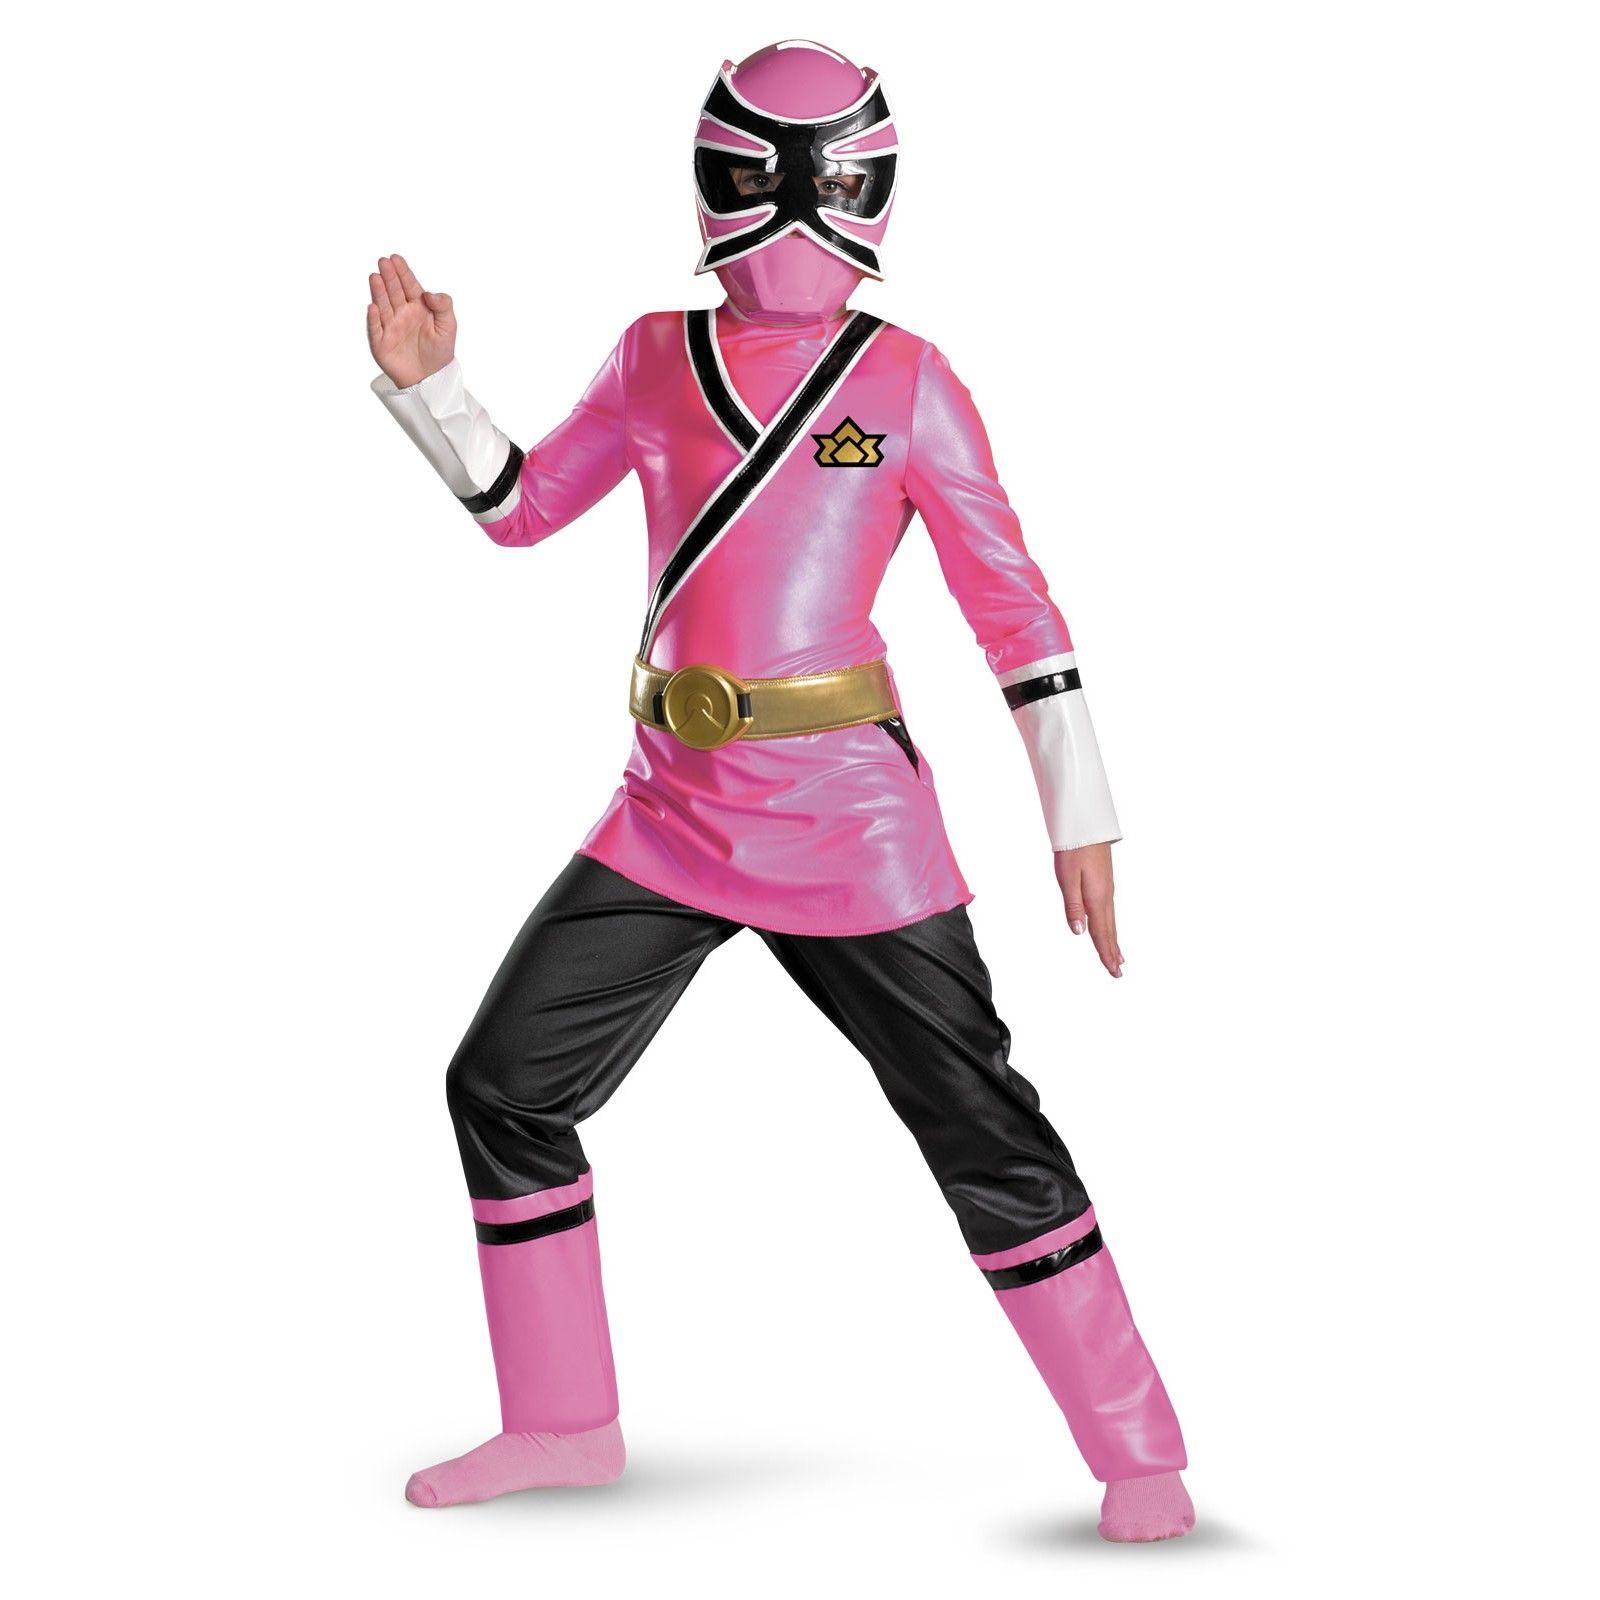 Power rangers pink samurai ranger deluxe child costume birthday party pink samurai power - Power ranger samurai rose ...